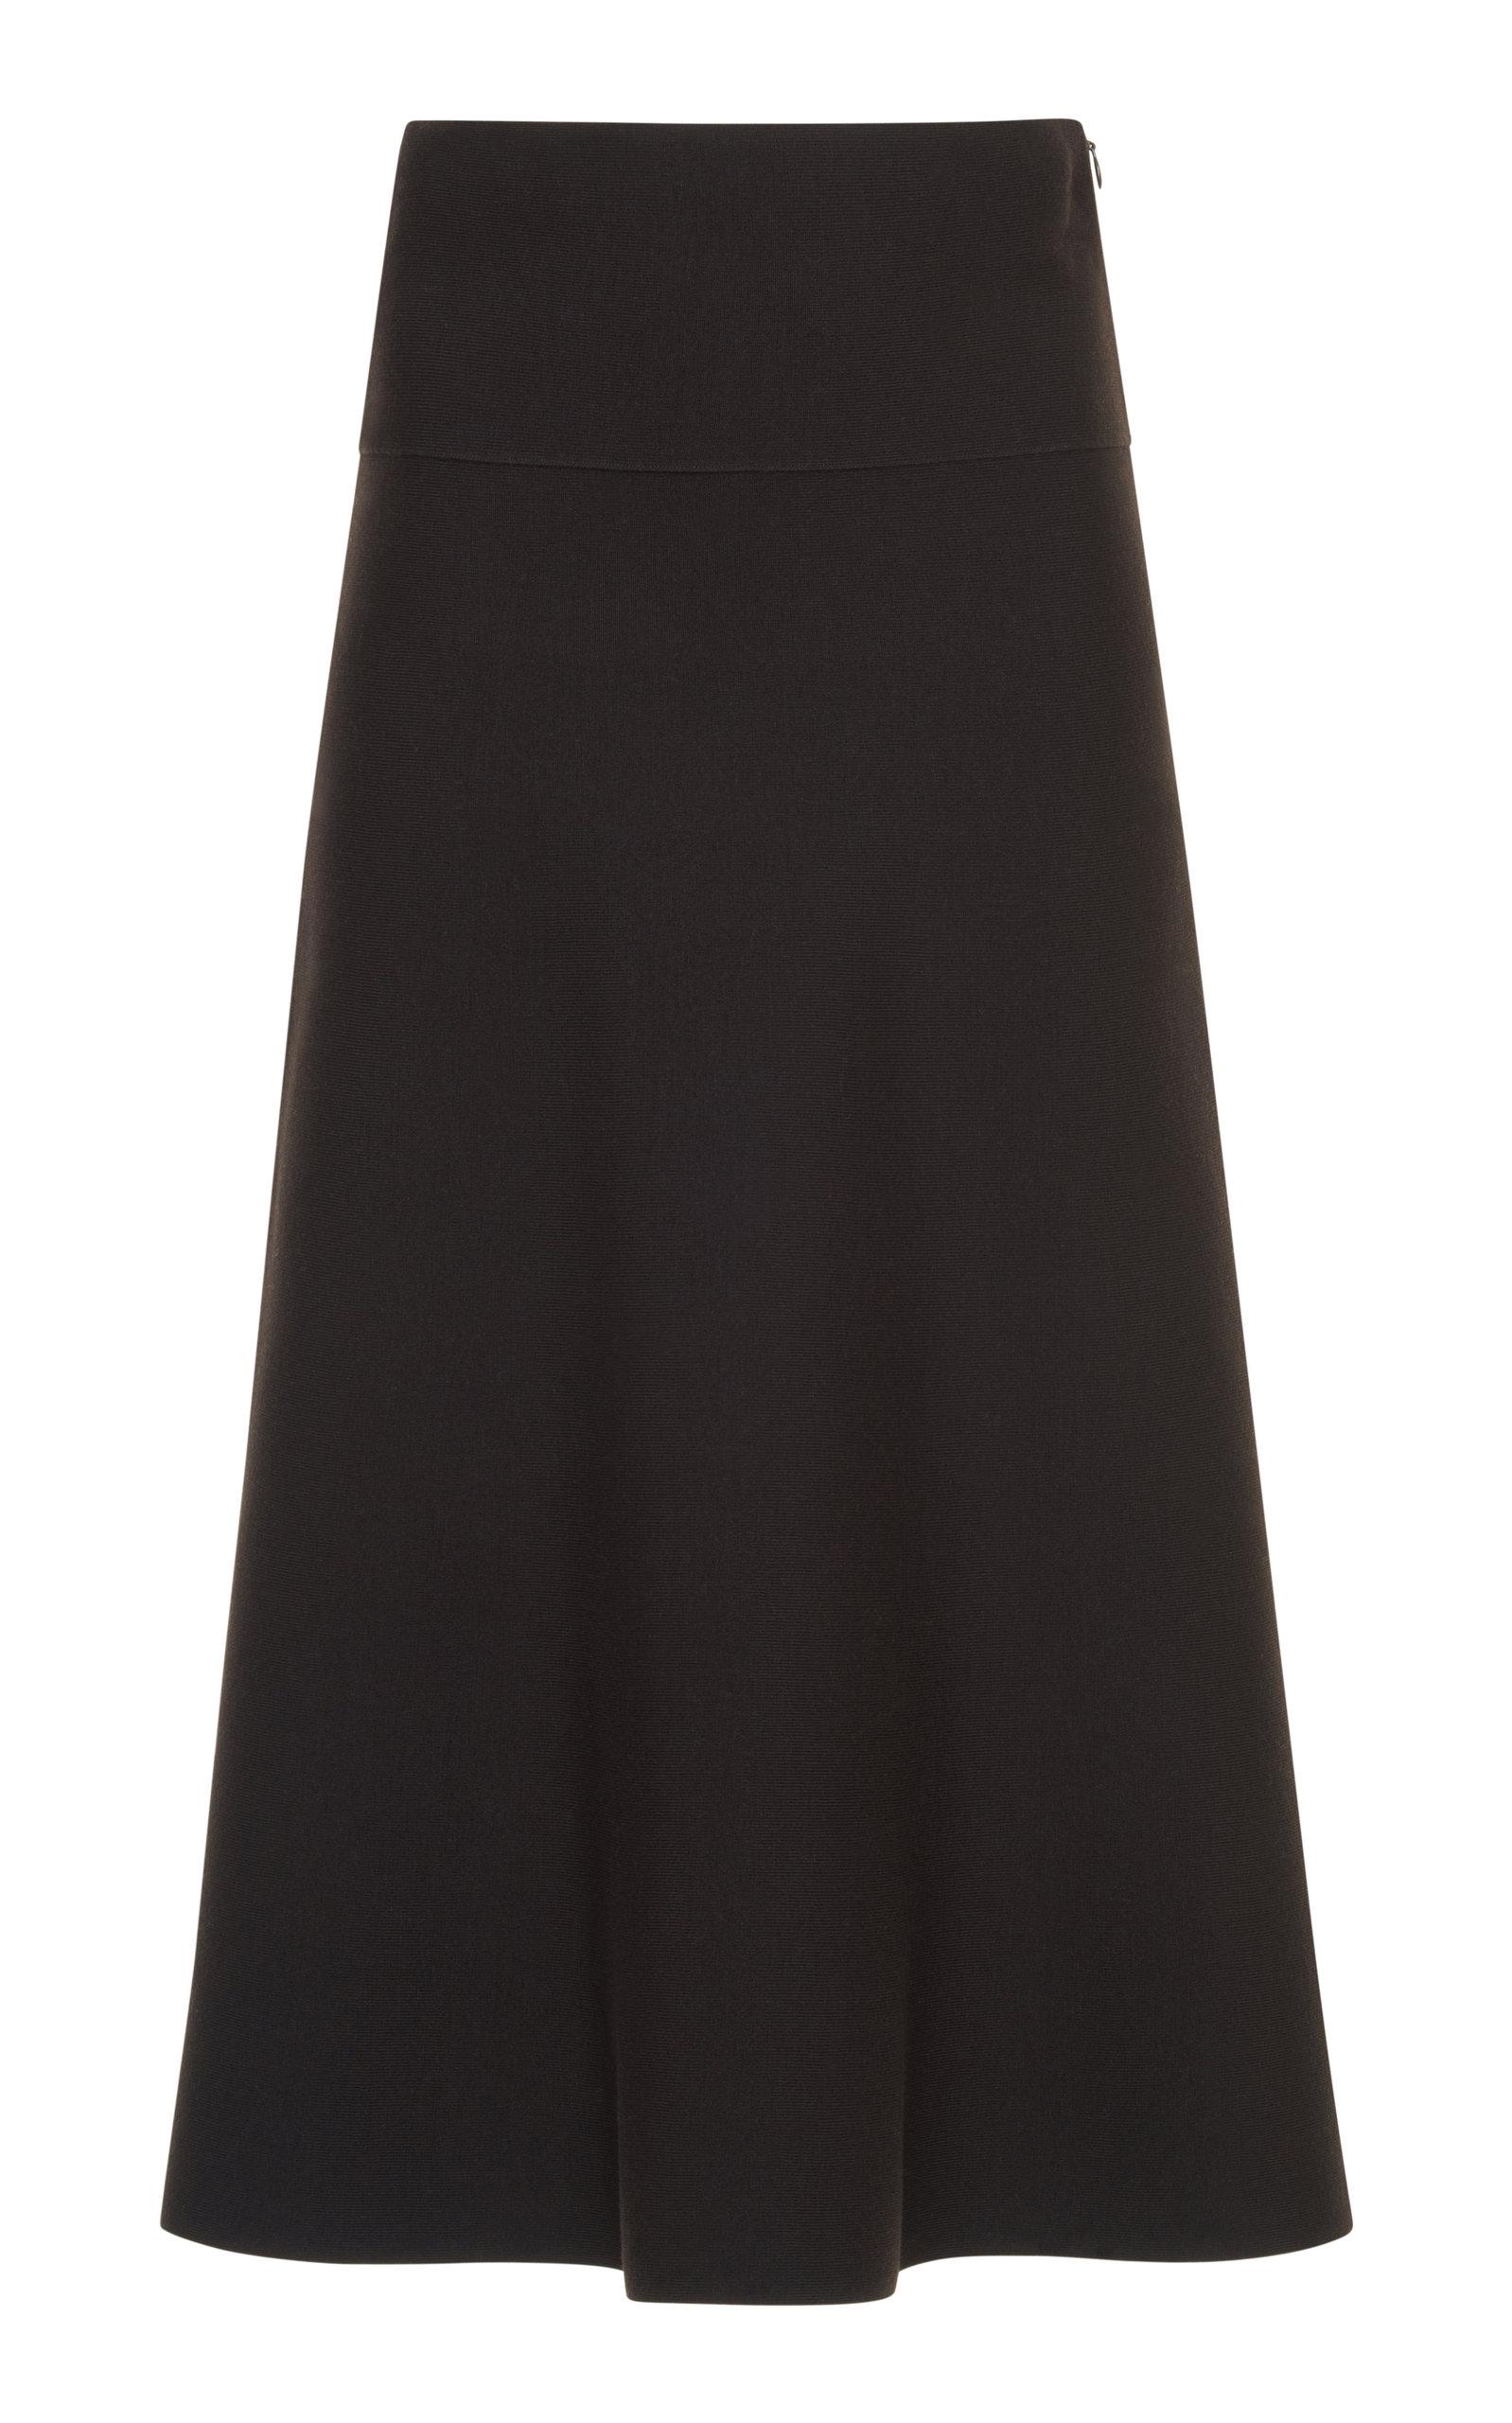 AGNONA Extra Fine Merinos Full Needle Skirt in Brown